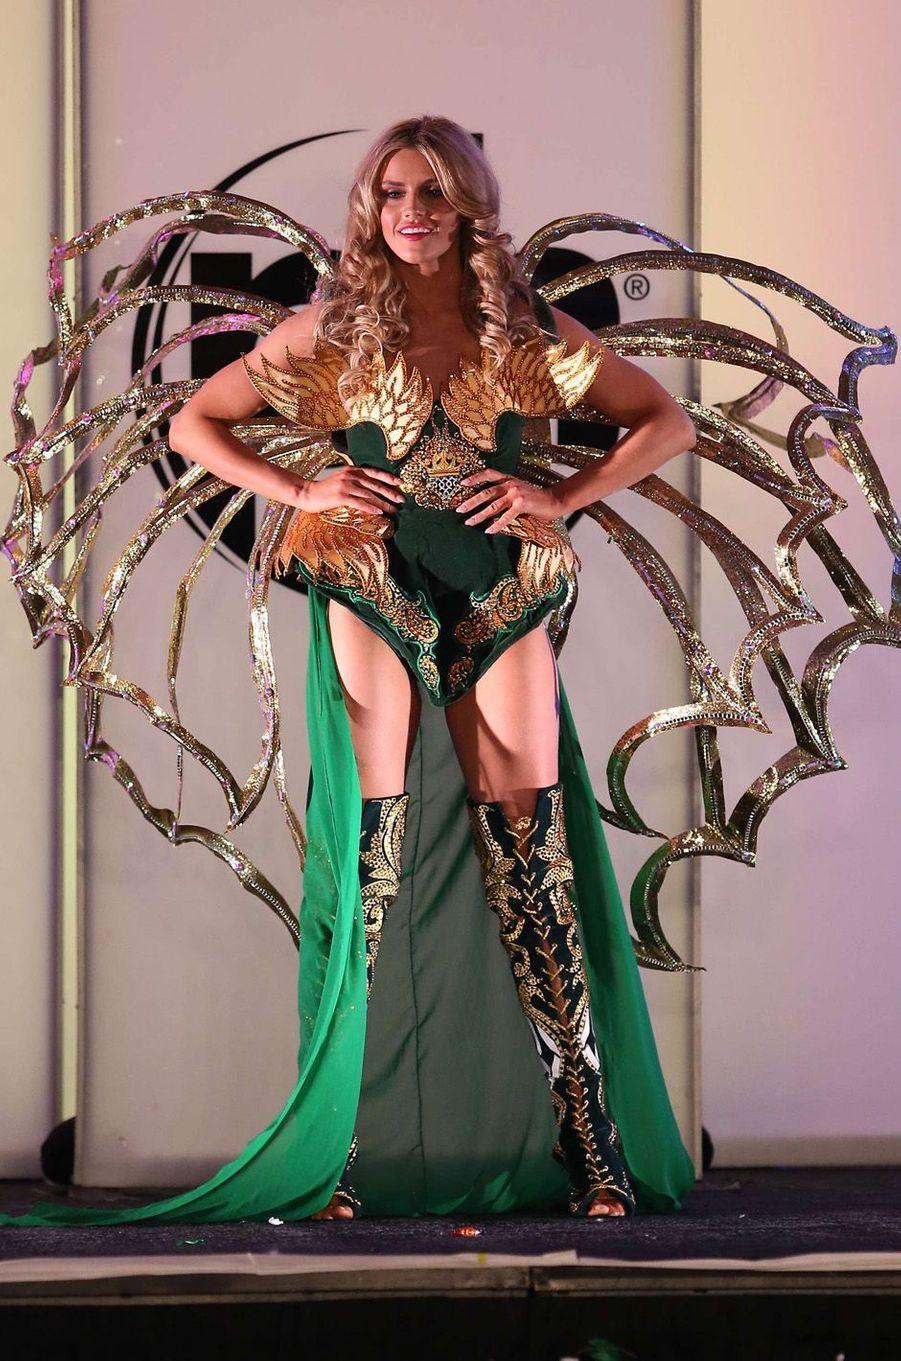 Cailin Aine Ni Toibin, Miss Irlande,en costume national pour le concours Miss Univers, le 18 novembre 2017 à Las Vegas.